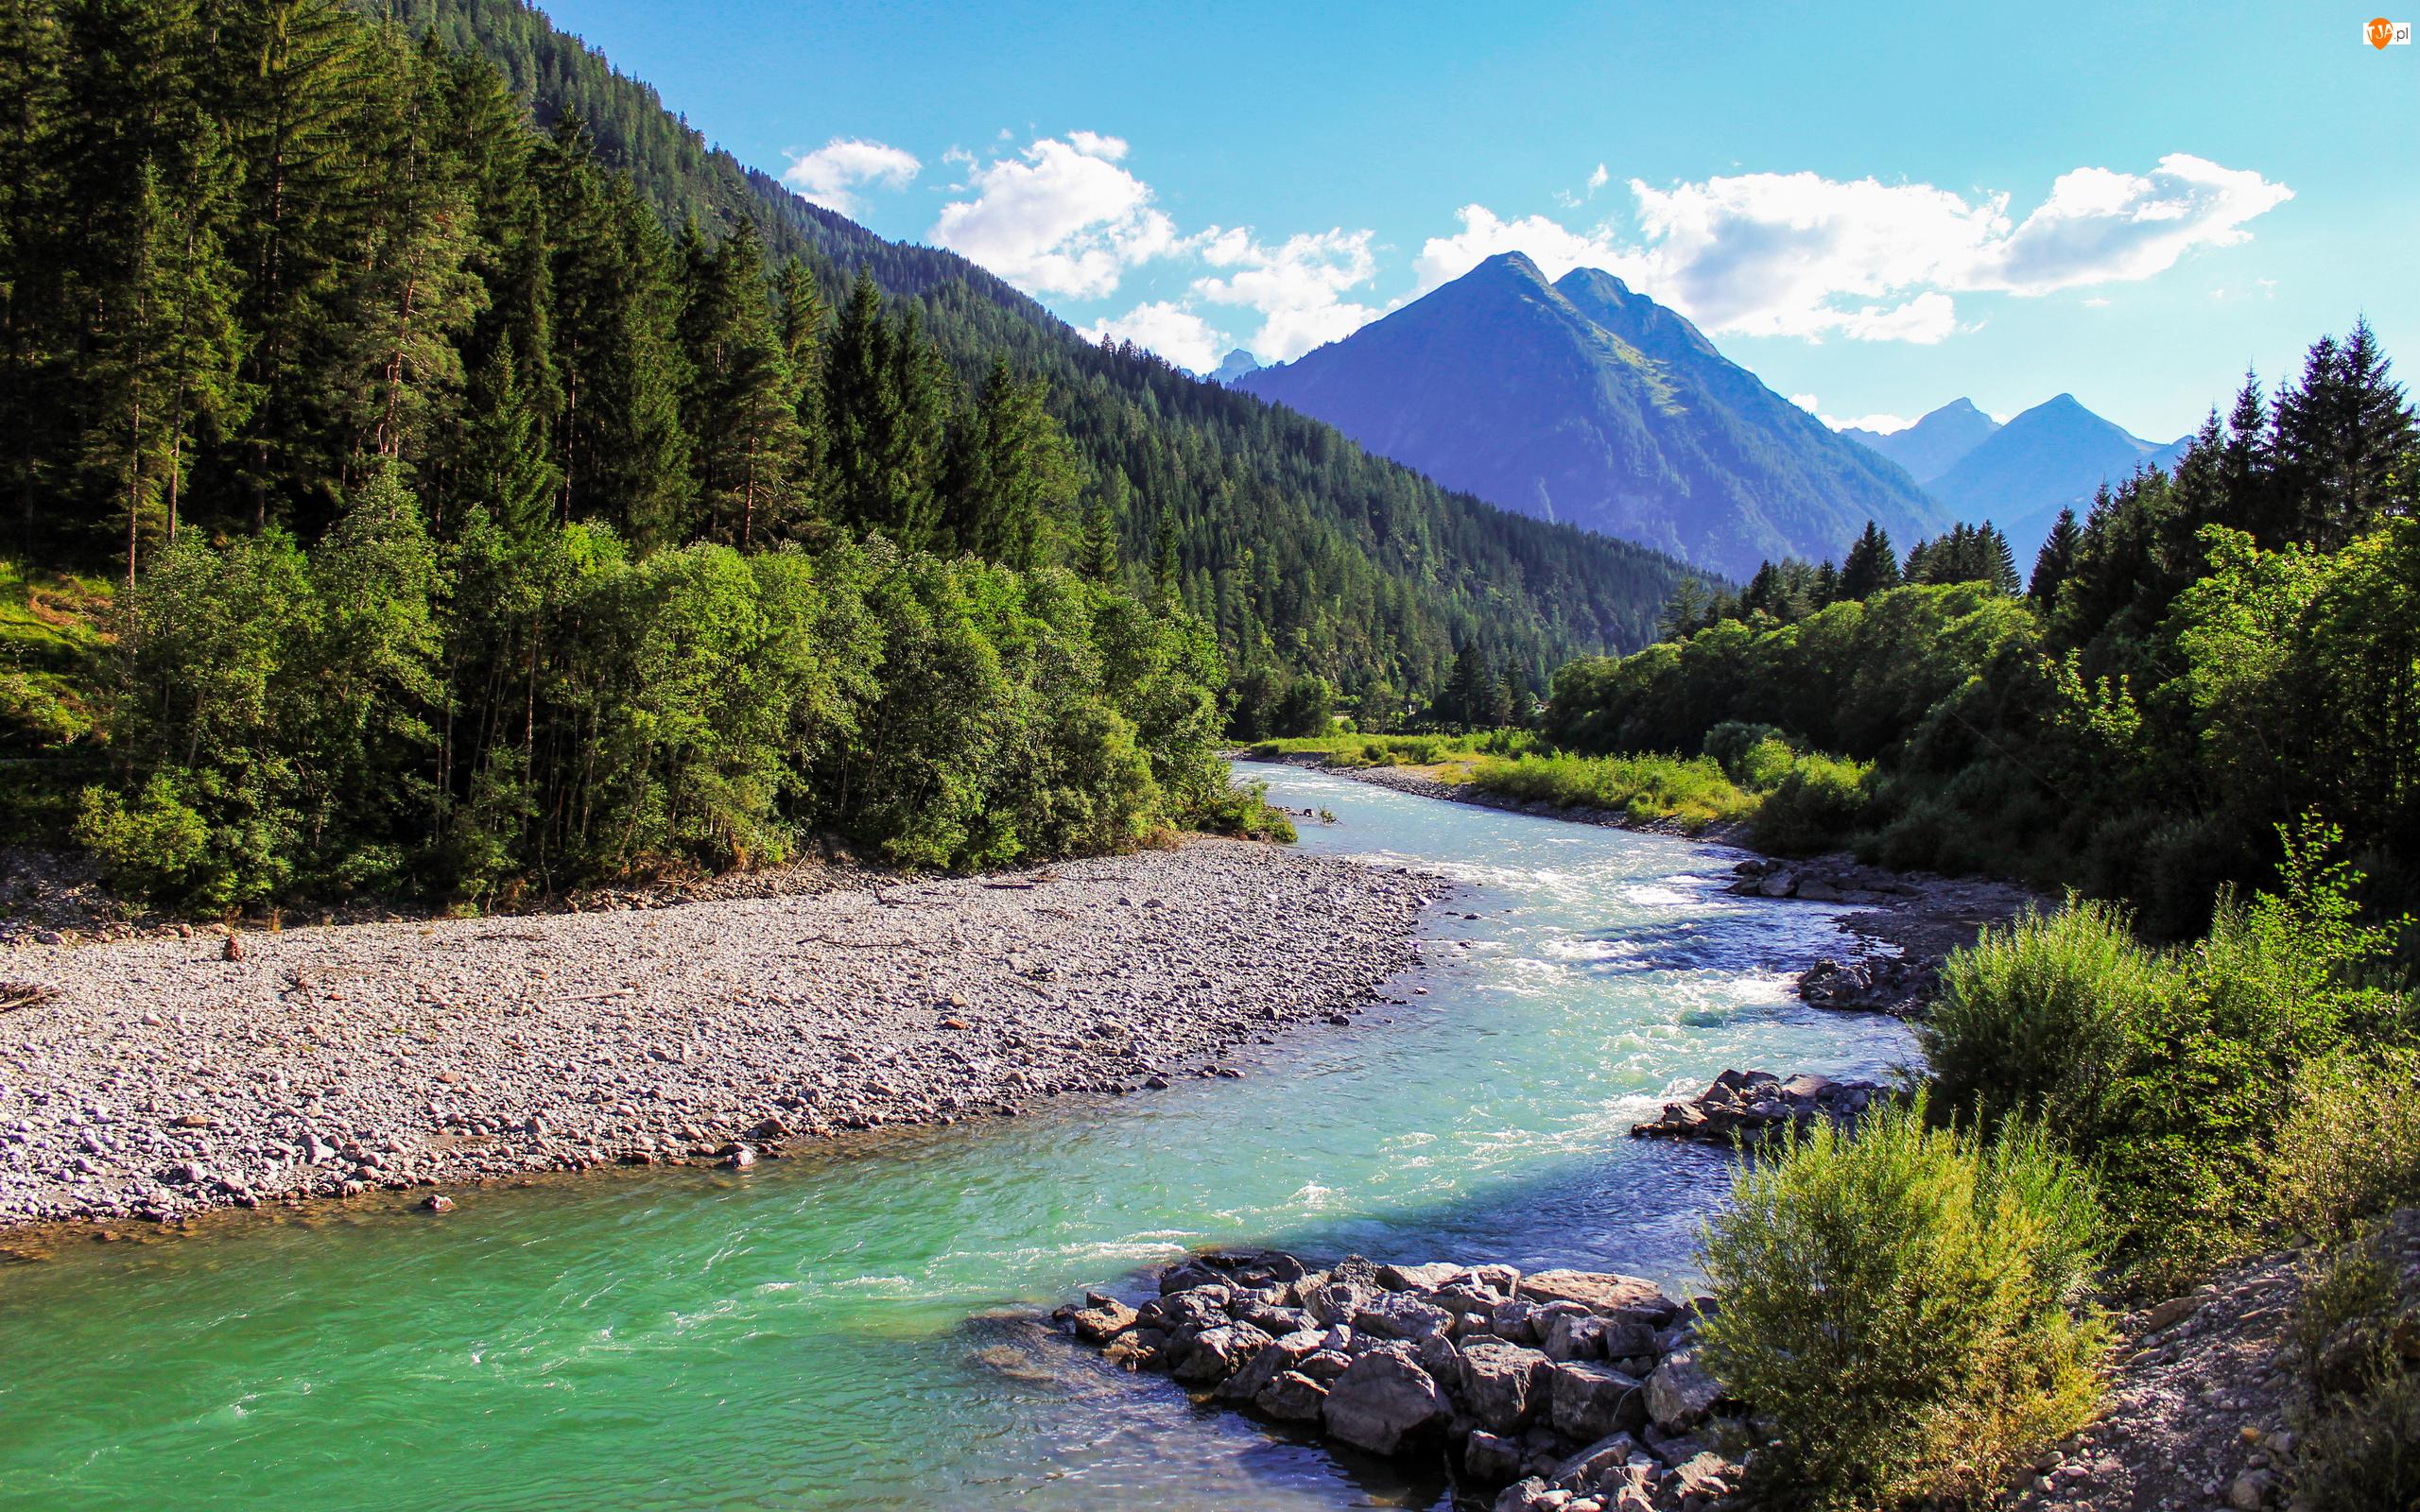 Las, Kamienie, Zielony, Góry, Rzeka